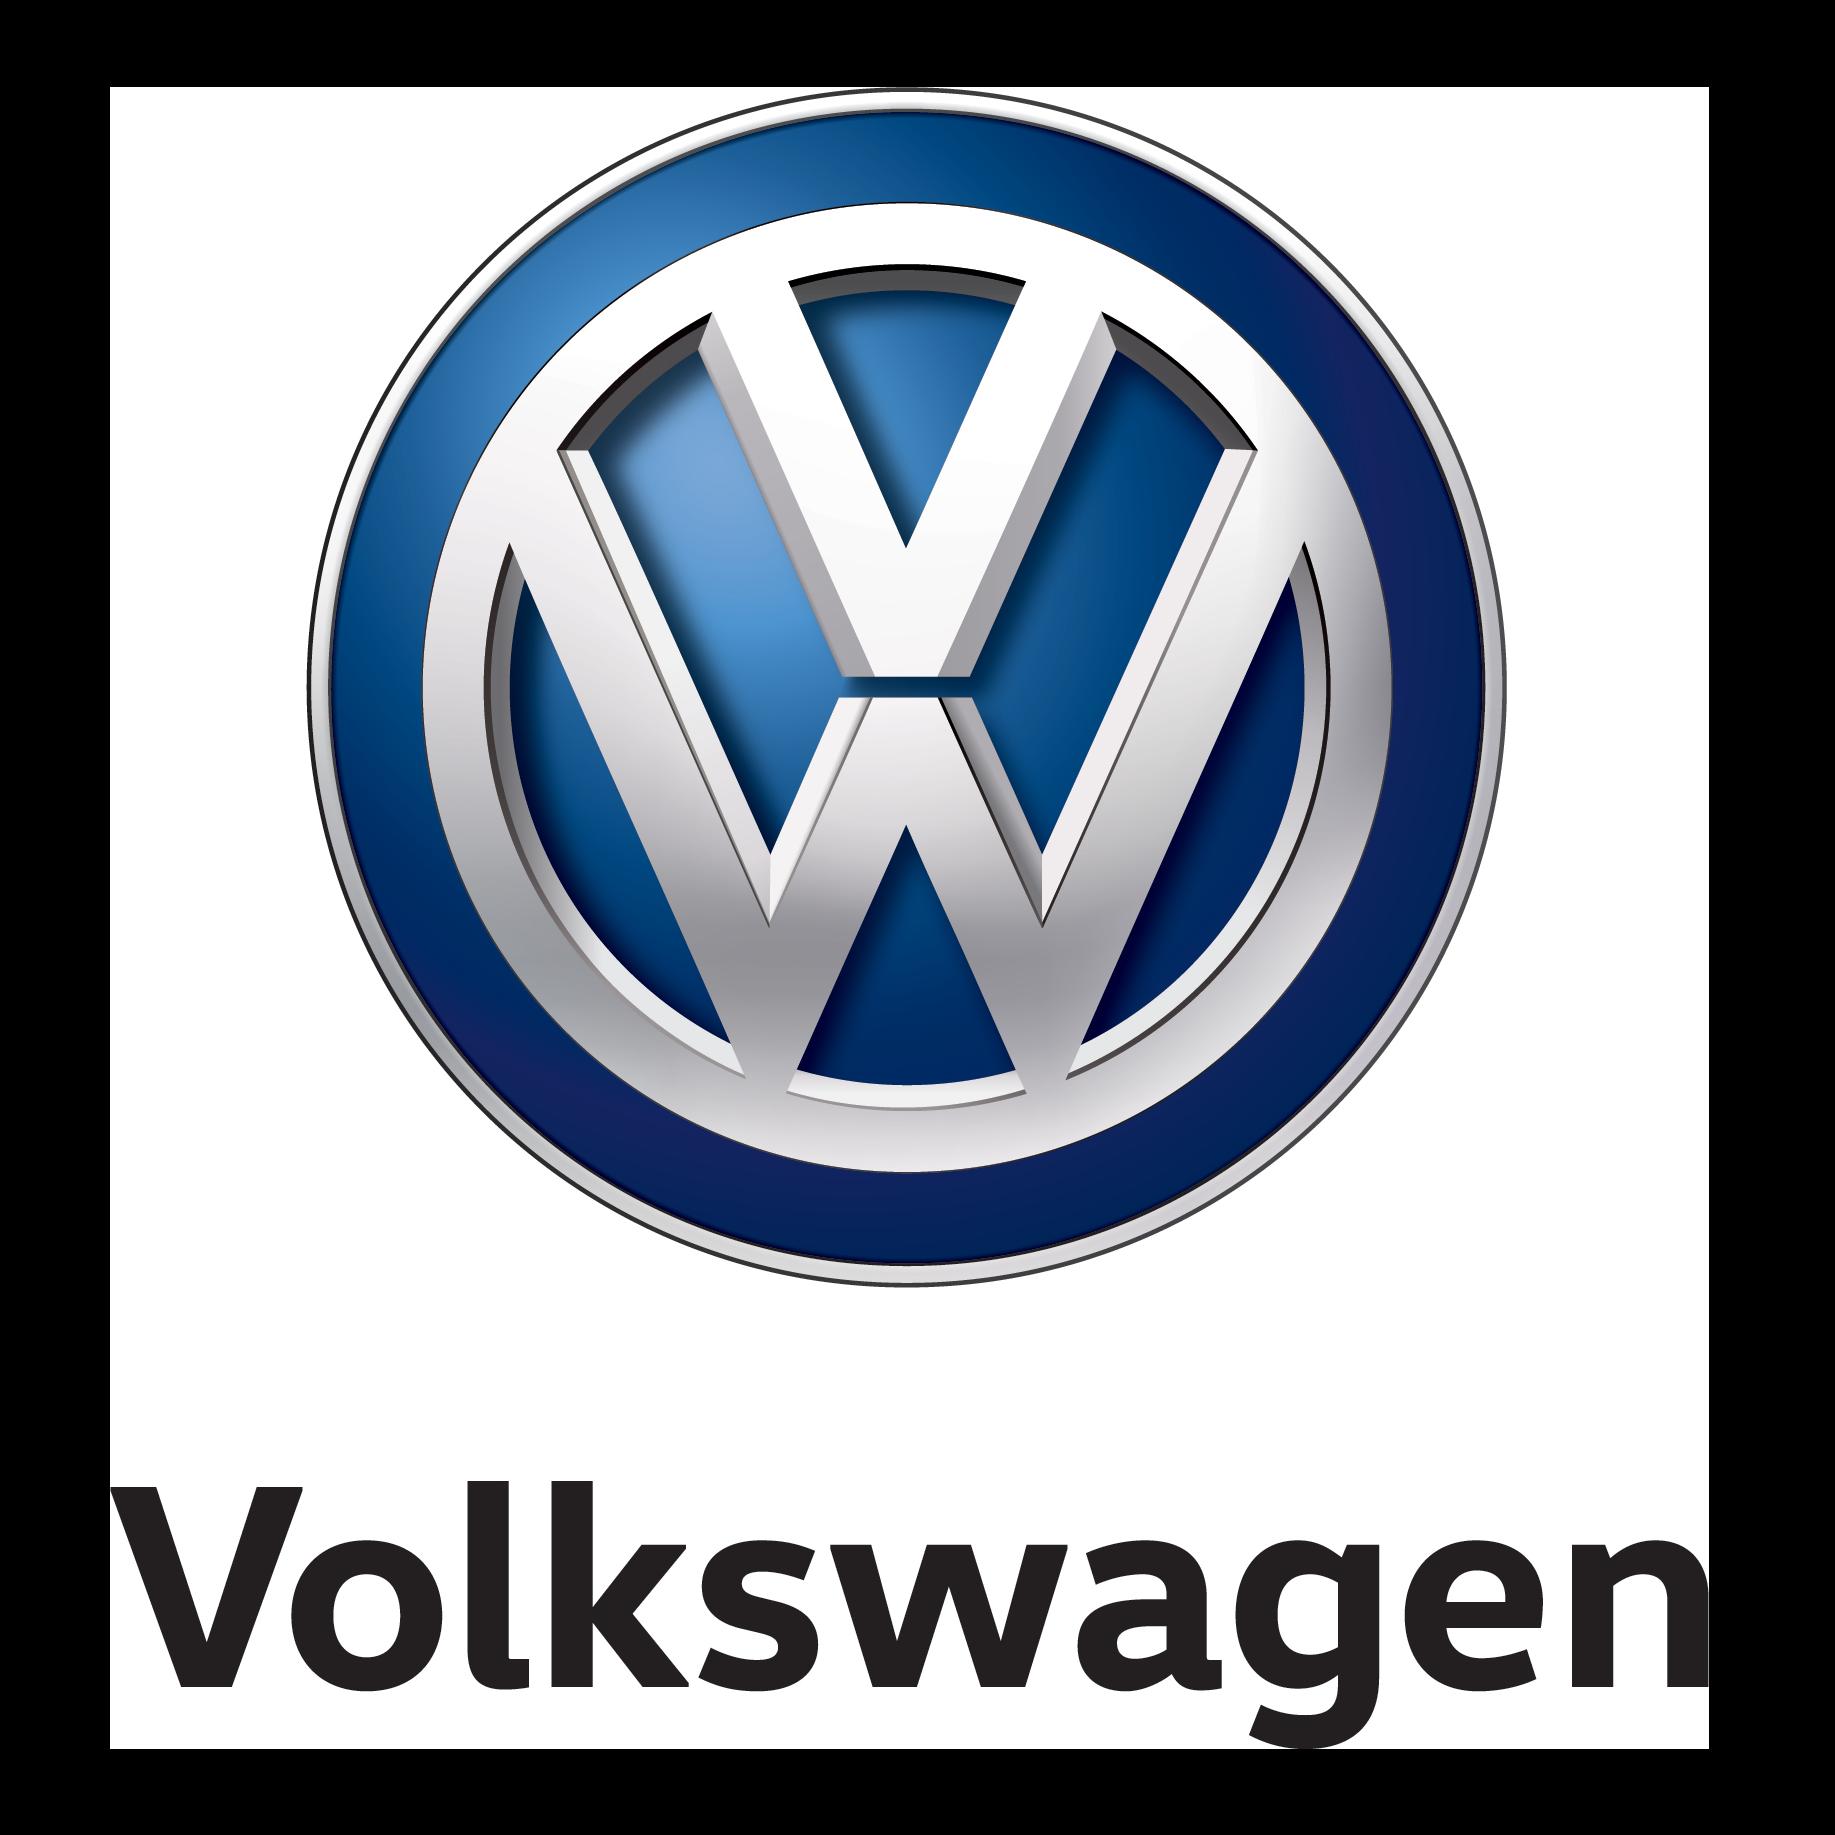 Volkswagen Golf R Oettinger Sport Tail Silencer Tail Silencer Silencer 5g0071905p Genuine Volkswagen Accessory In 2020 Volkswagen Volkswagen Polo Volkswagen Logo